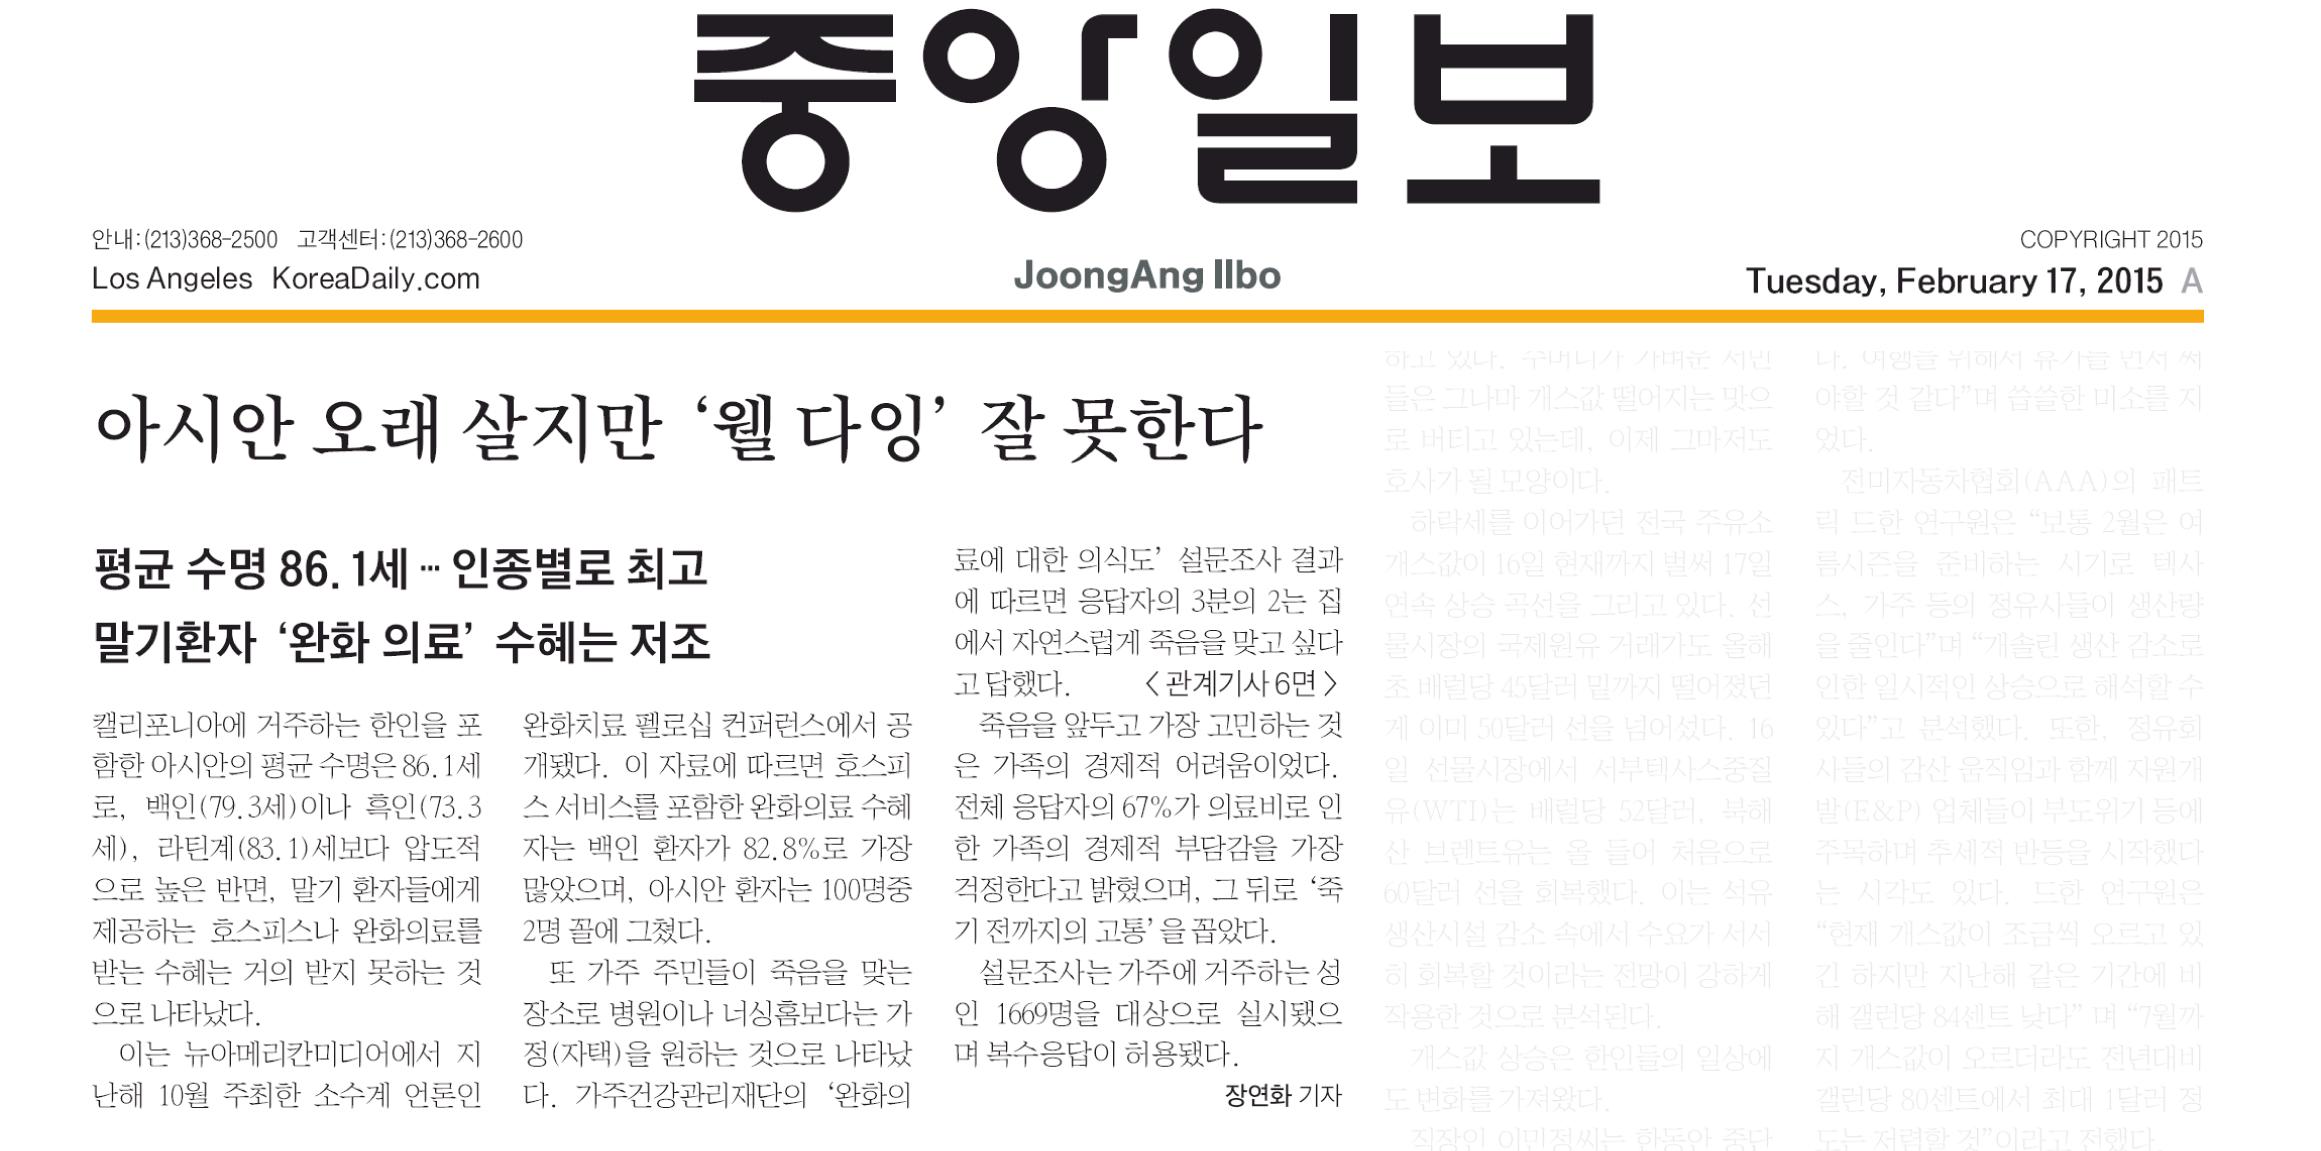 """""""아시안 오래 살지만 '웰 다잉' 잘 못한다"""" 2015년 2월 17일 중앙일보"""